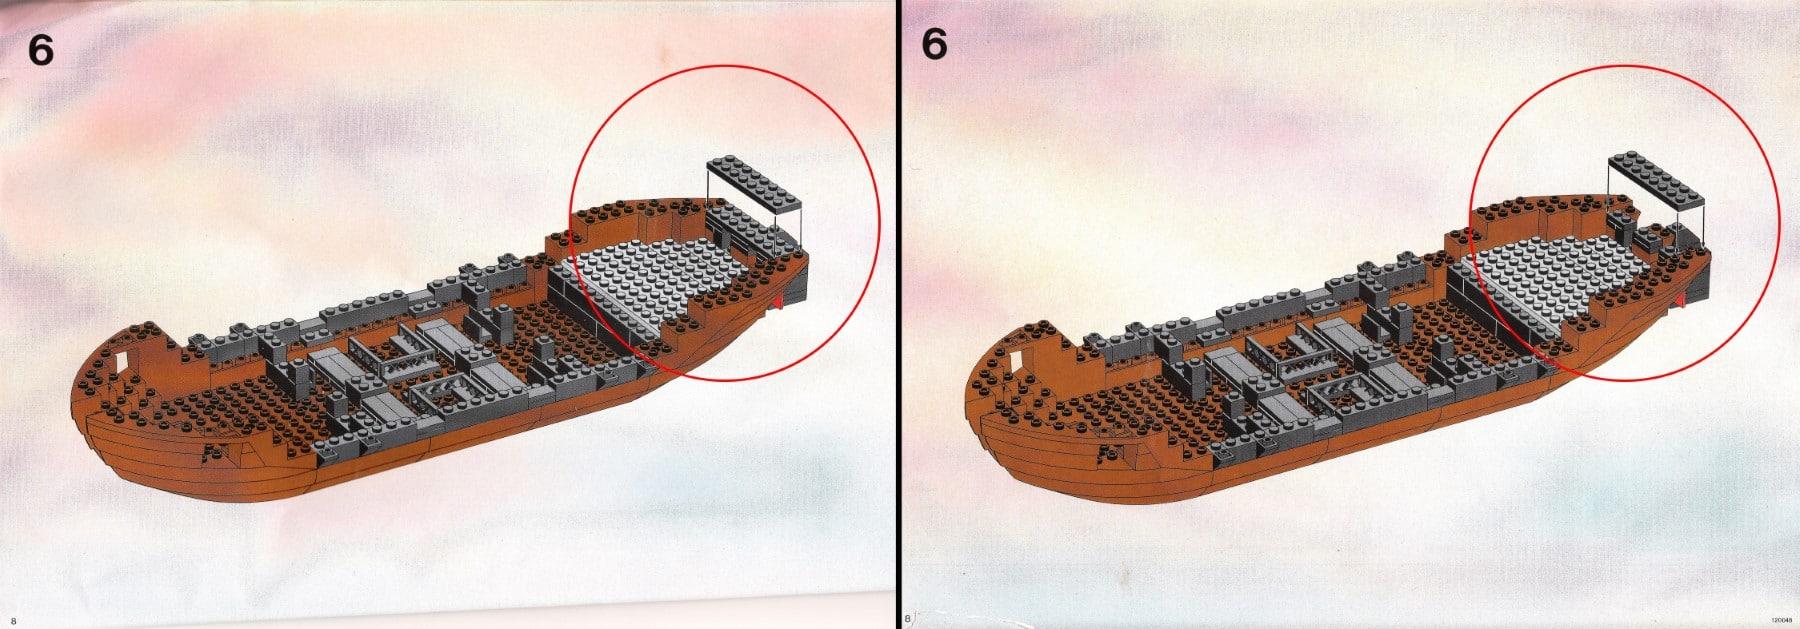 Links: Fehlerhafter Schritt in der ursprünglichen Anleitung / Rechts: Korrektur